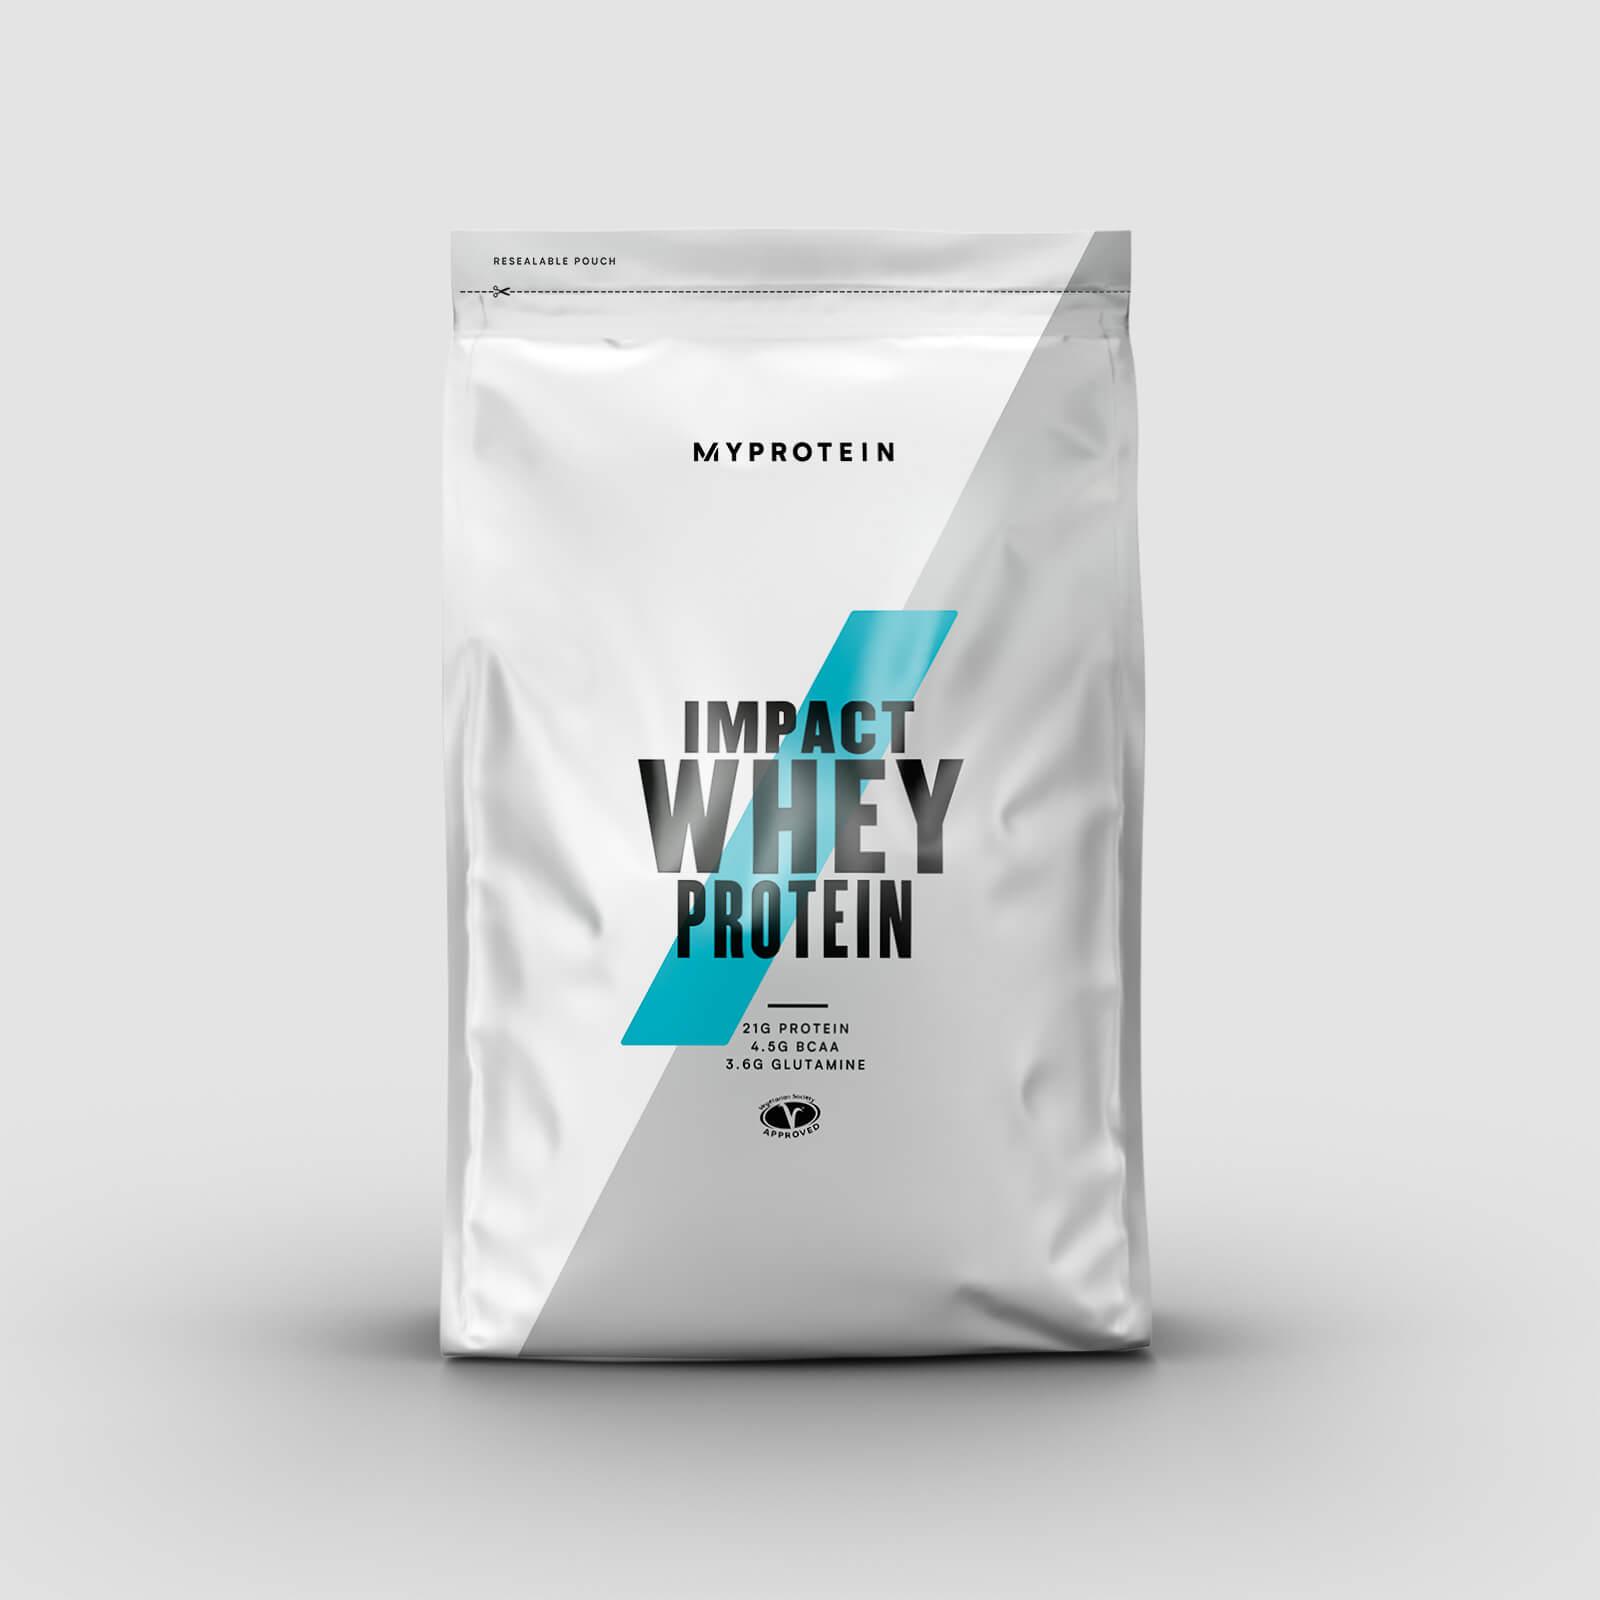 Myprotein Impact Whey Protein - 2.5kg - Café Moka